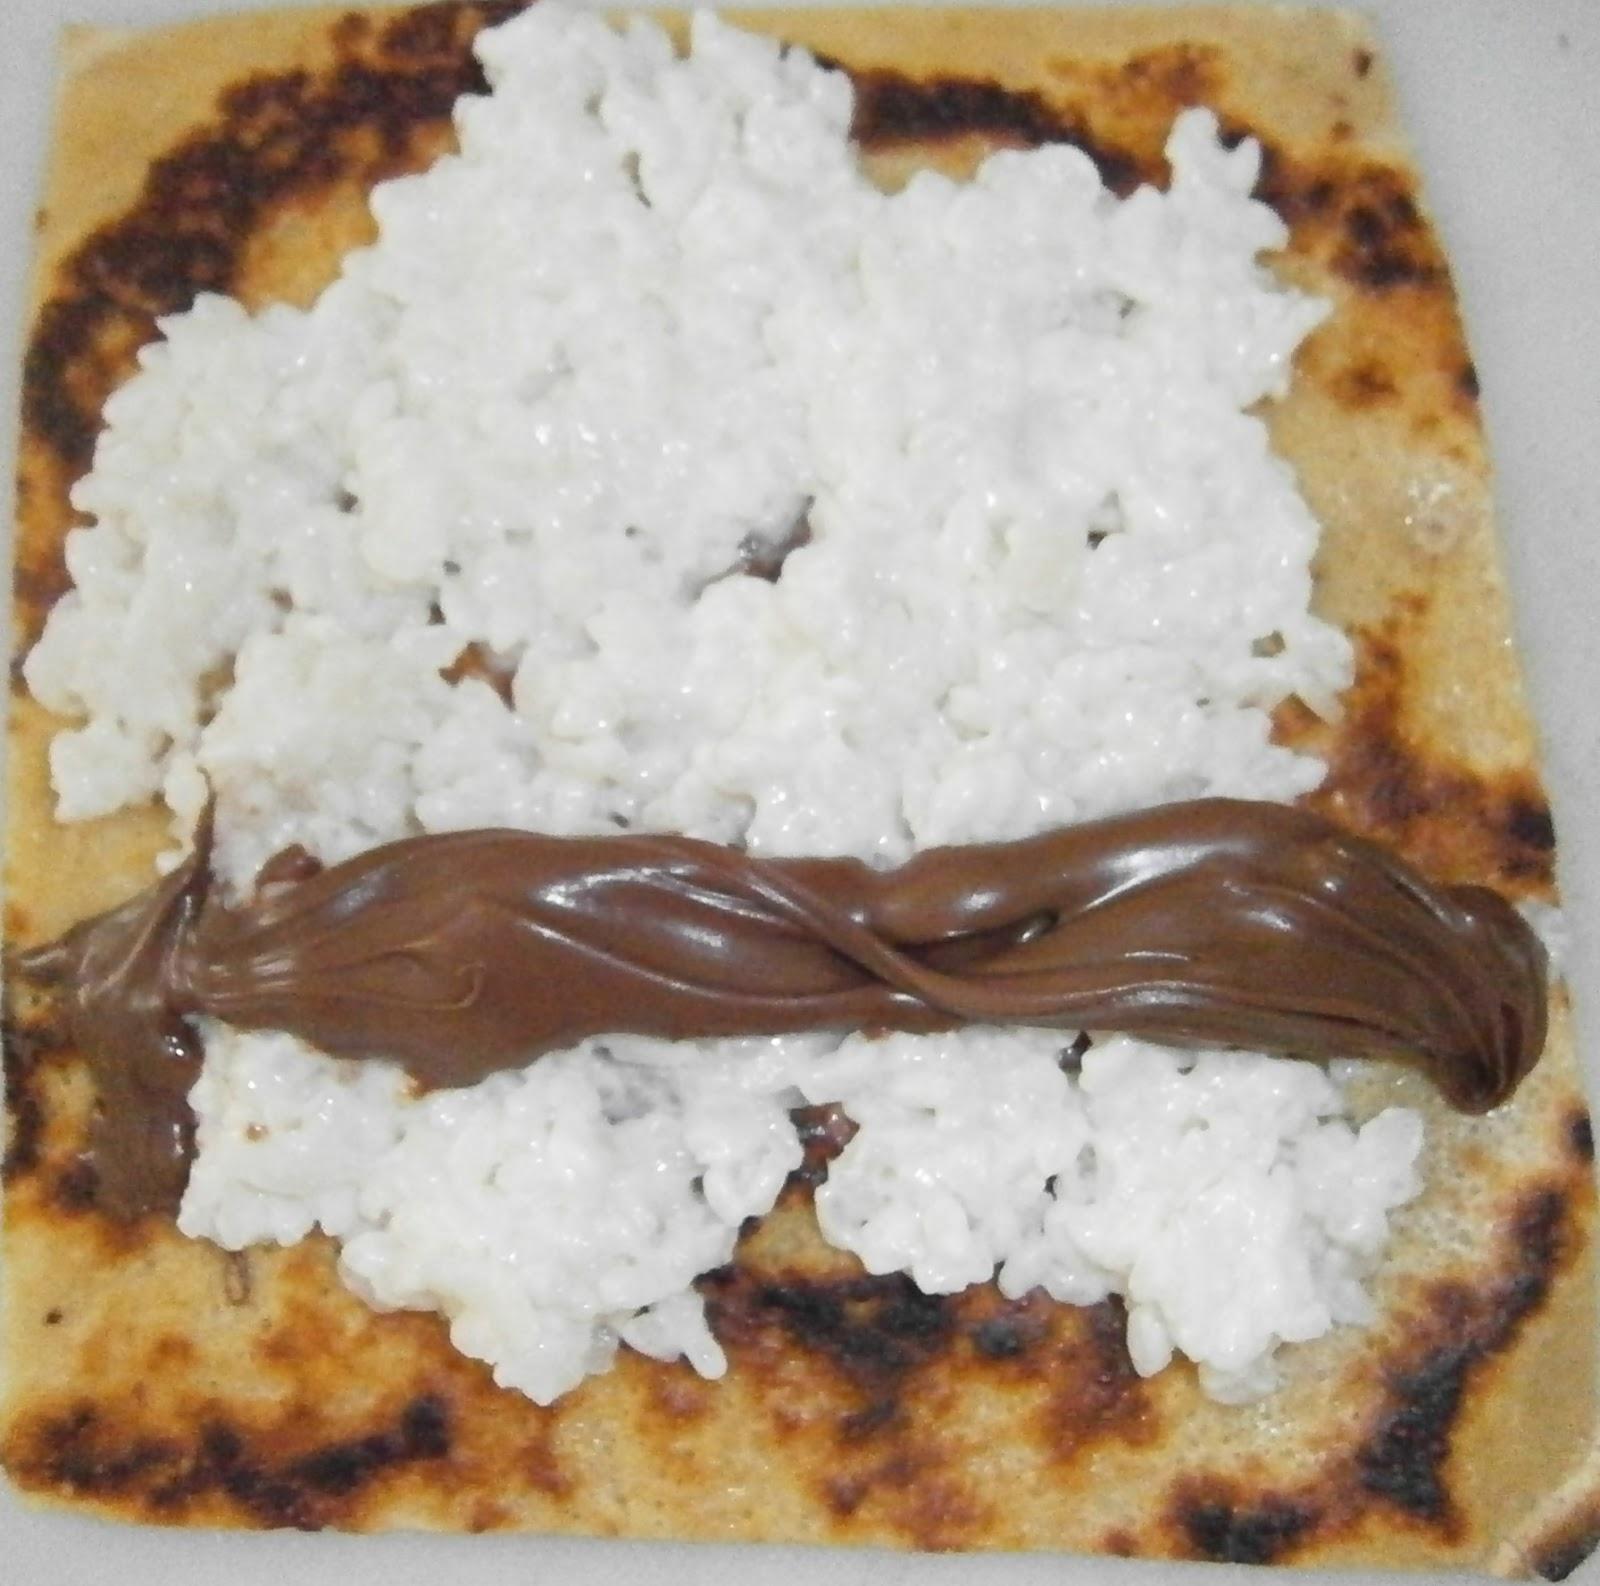 D lices d 39 une novice makis sucr s de cr pe riz au lait de coco et nutella - Laisser reposer pate a crepe ...